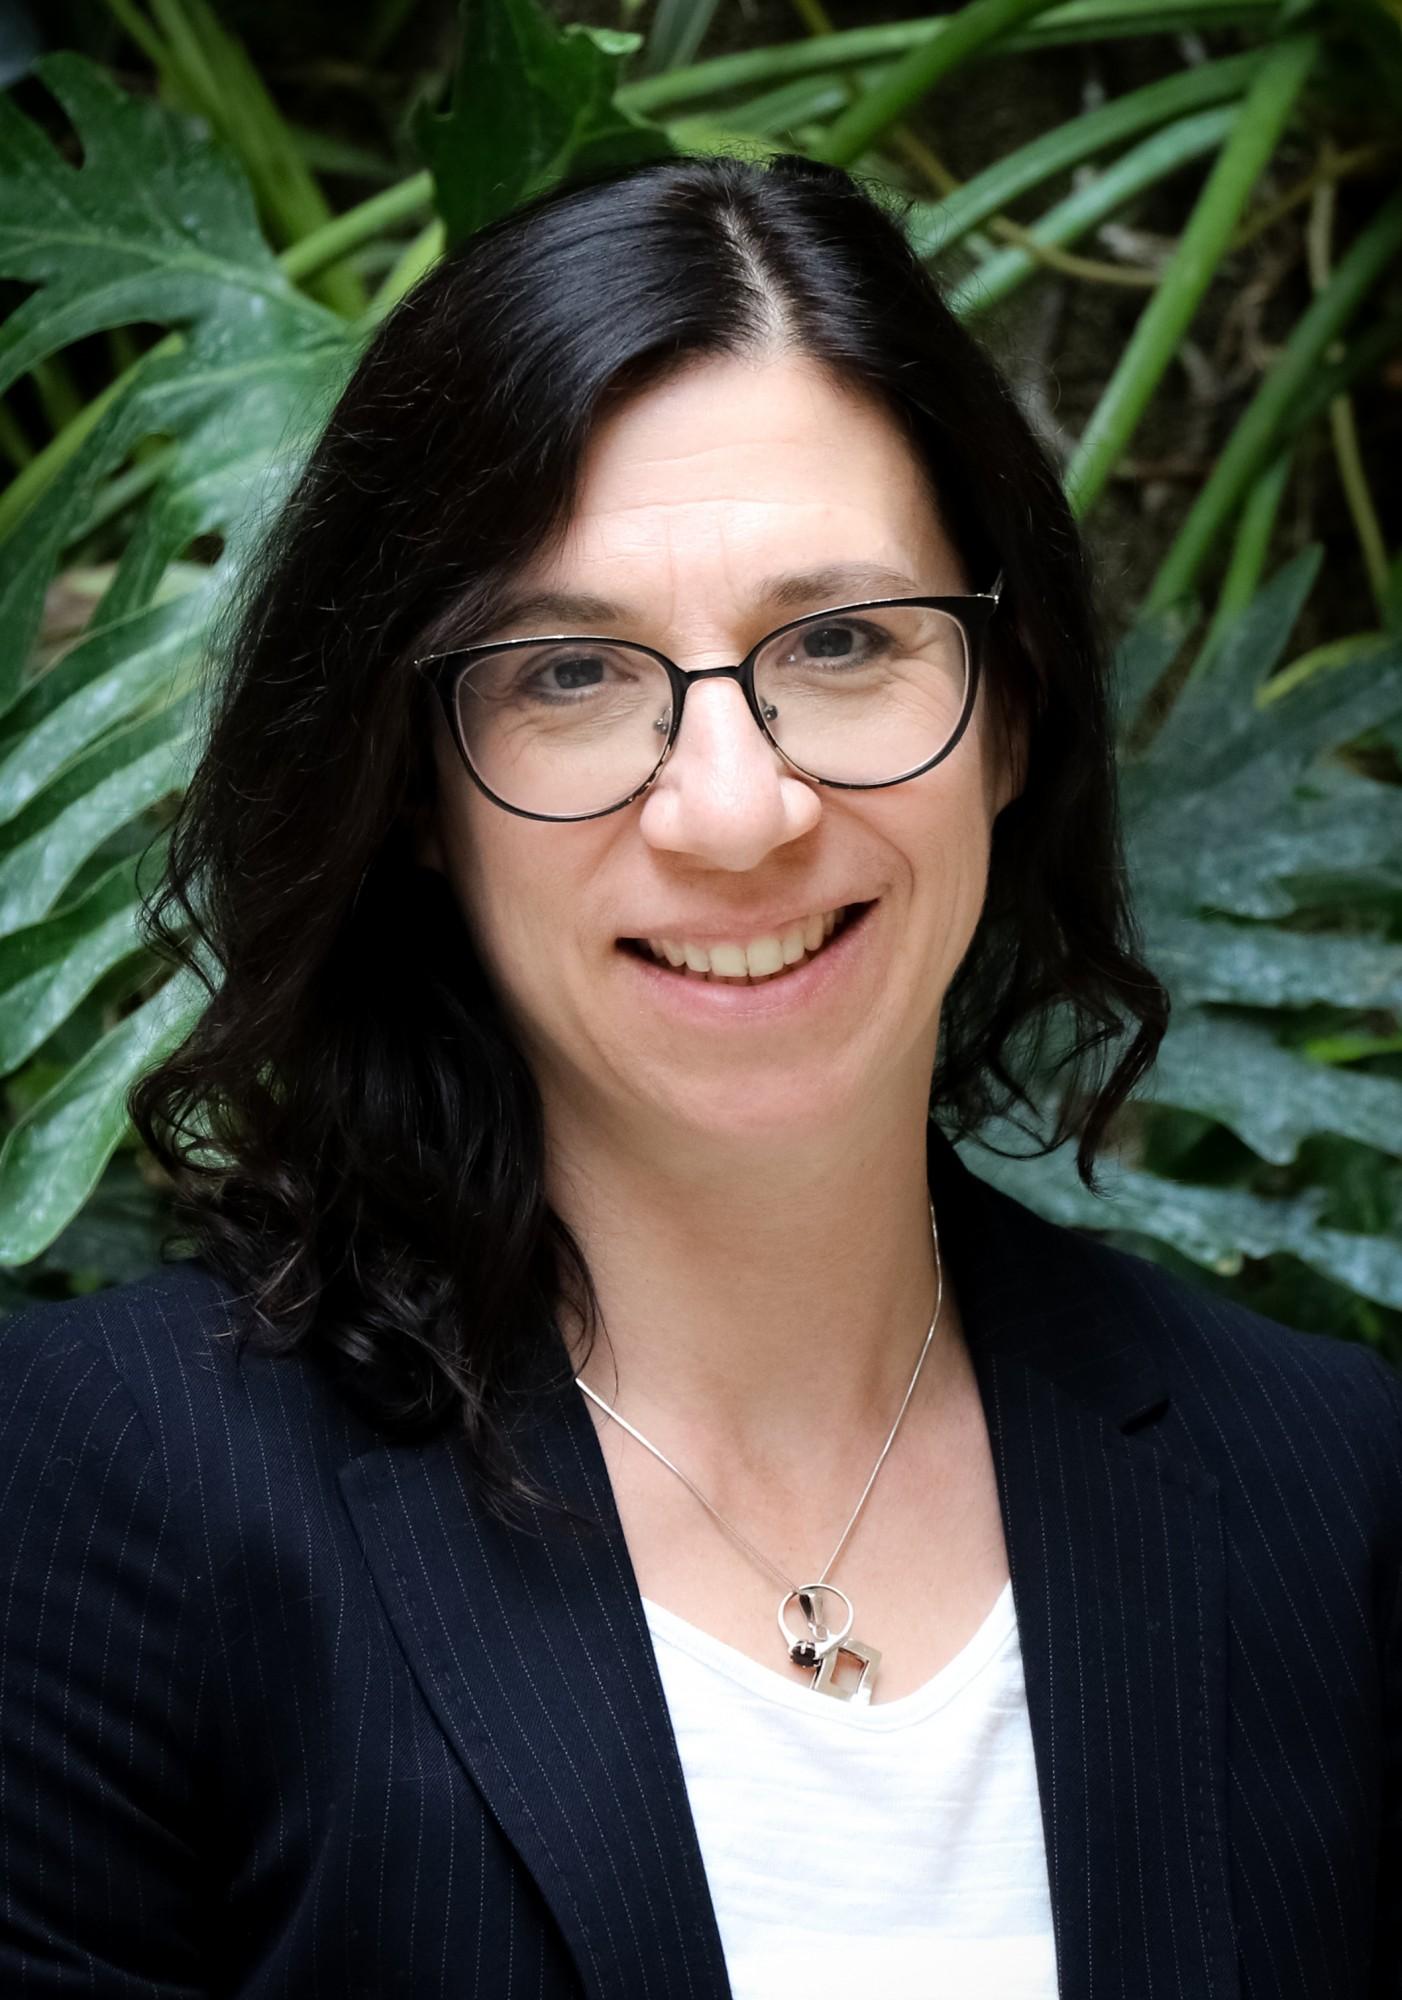 Assistant Professor, Jillian Rogan